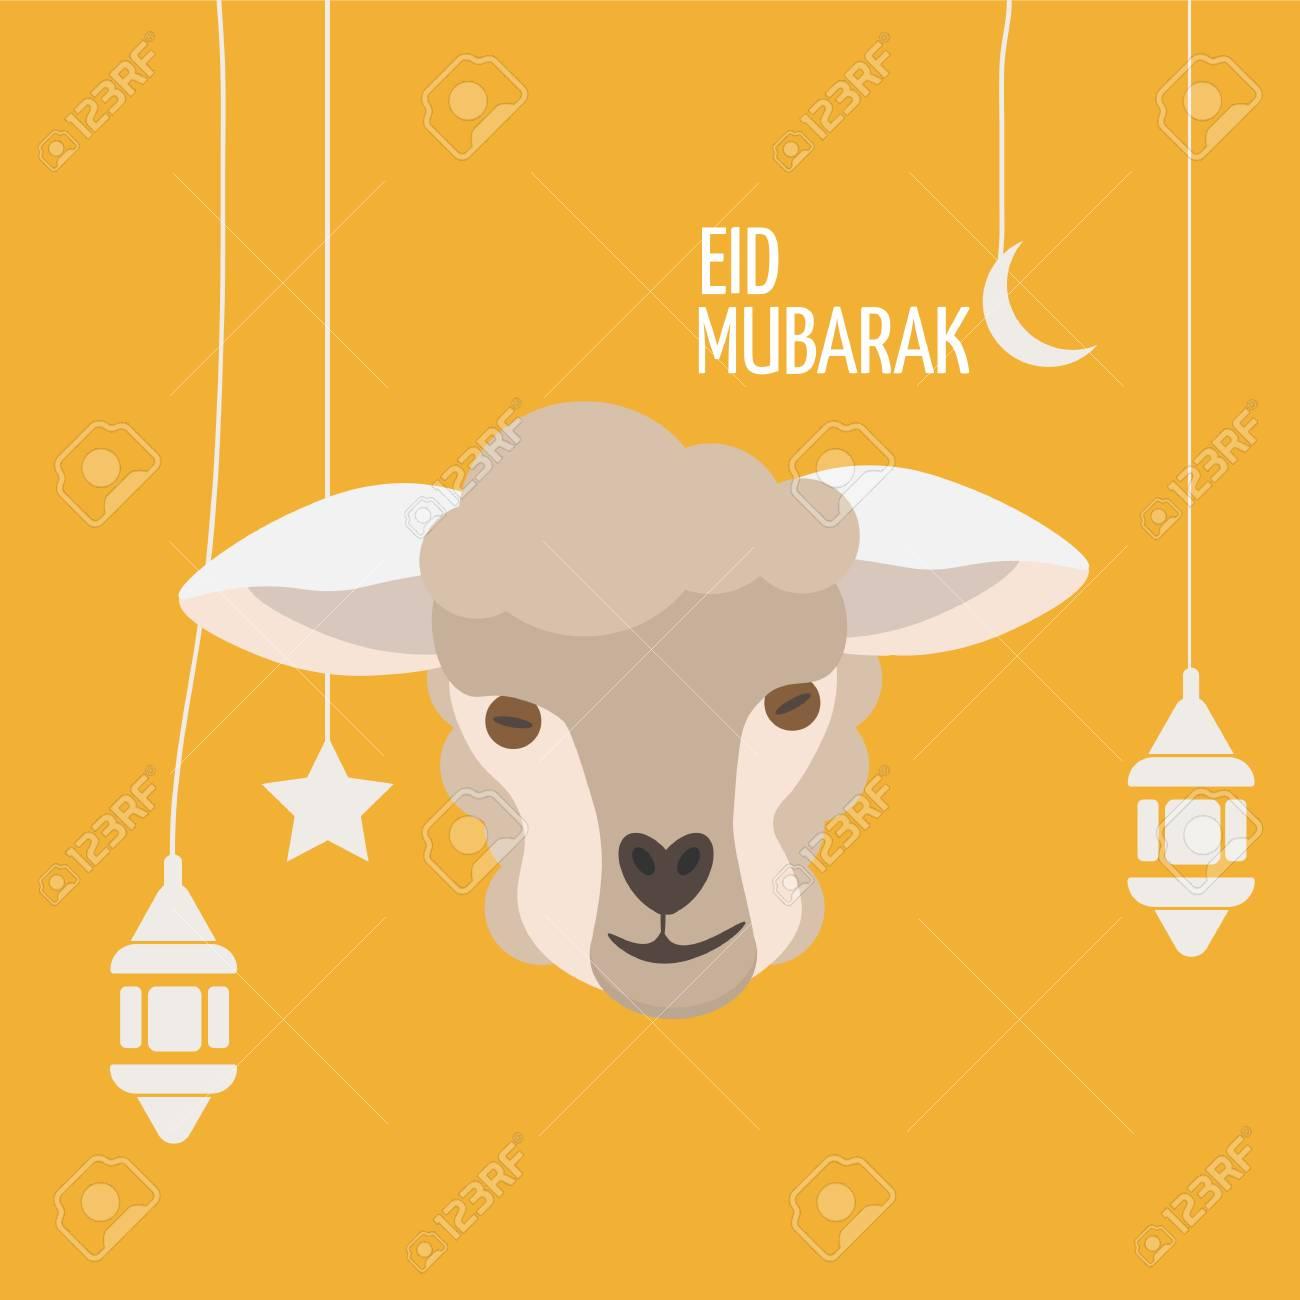 Eid Mubarak Tarjeta De Felicitación Con Cara De Oveja O Cabeza De ...